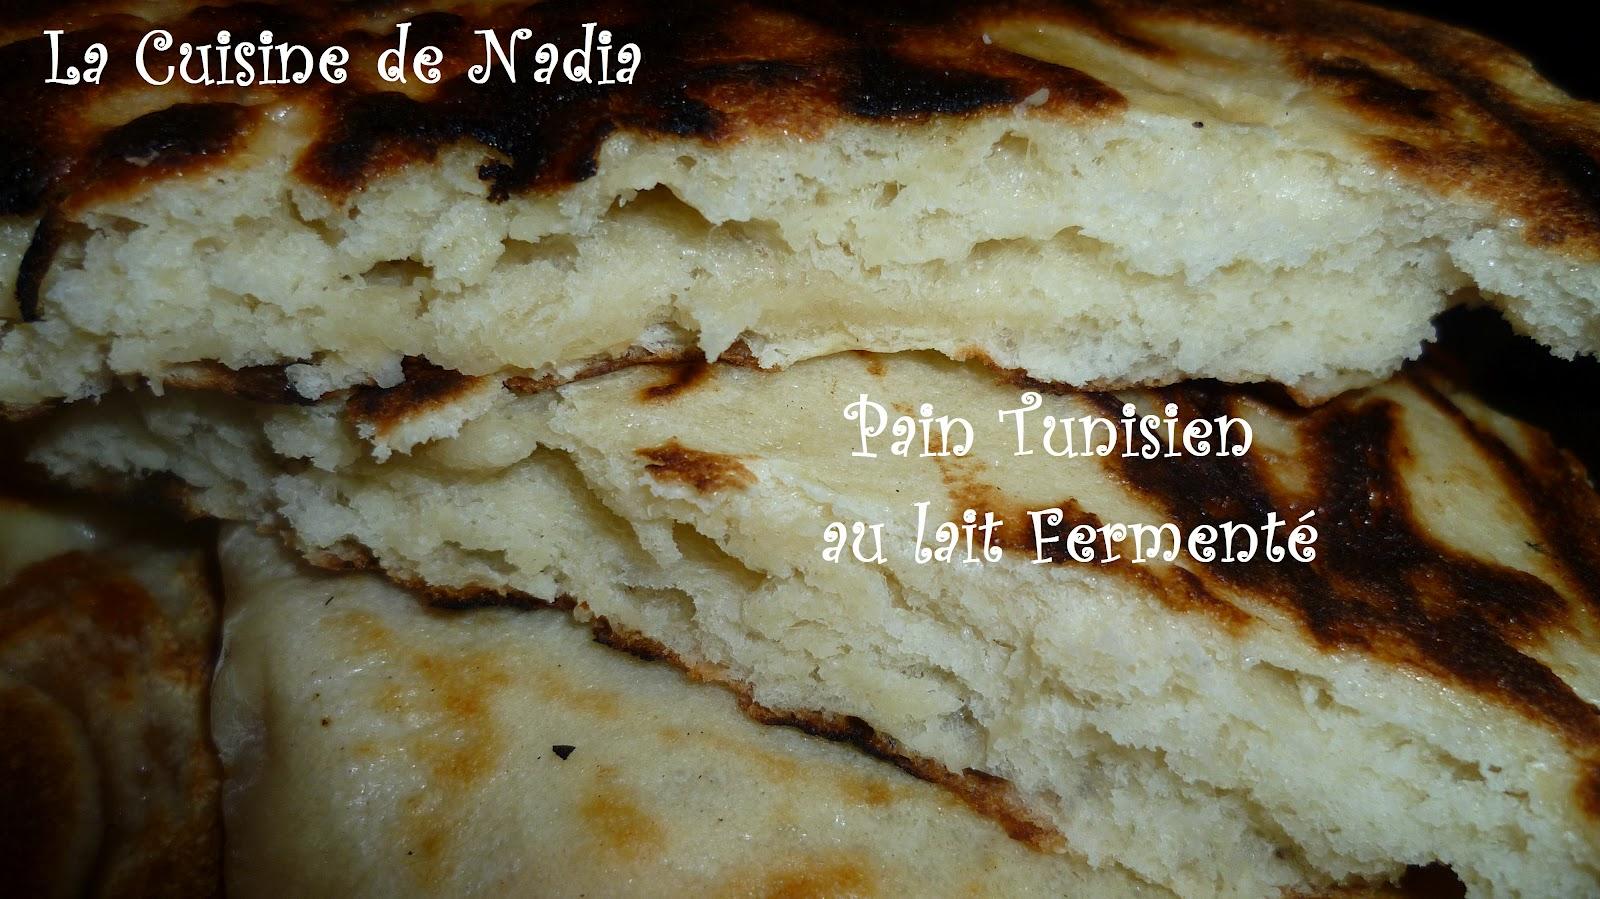 La cuisine de nadia pain tunisien au lait ferment recette film e - Recette de pain au lait ...